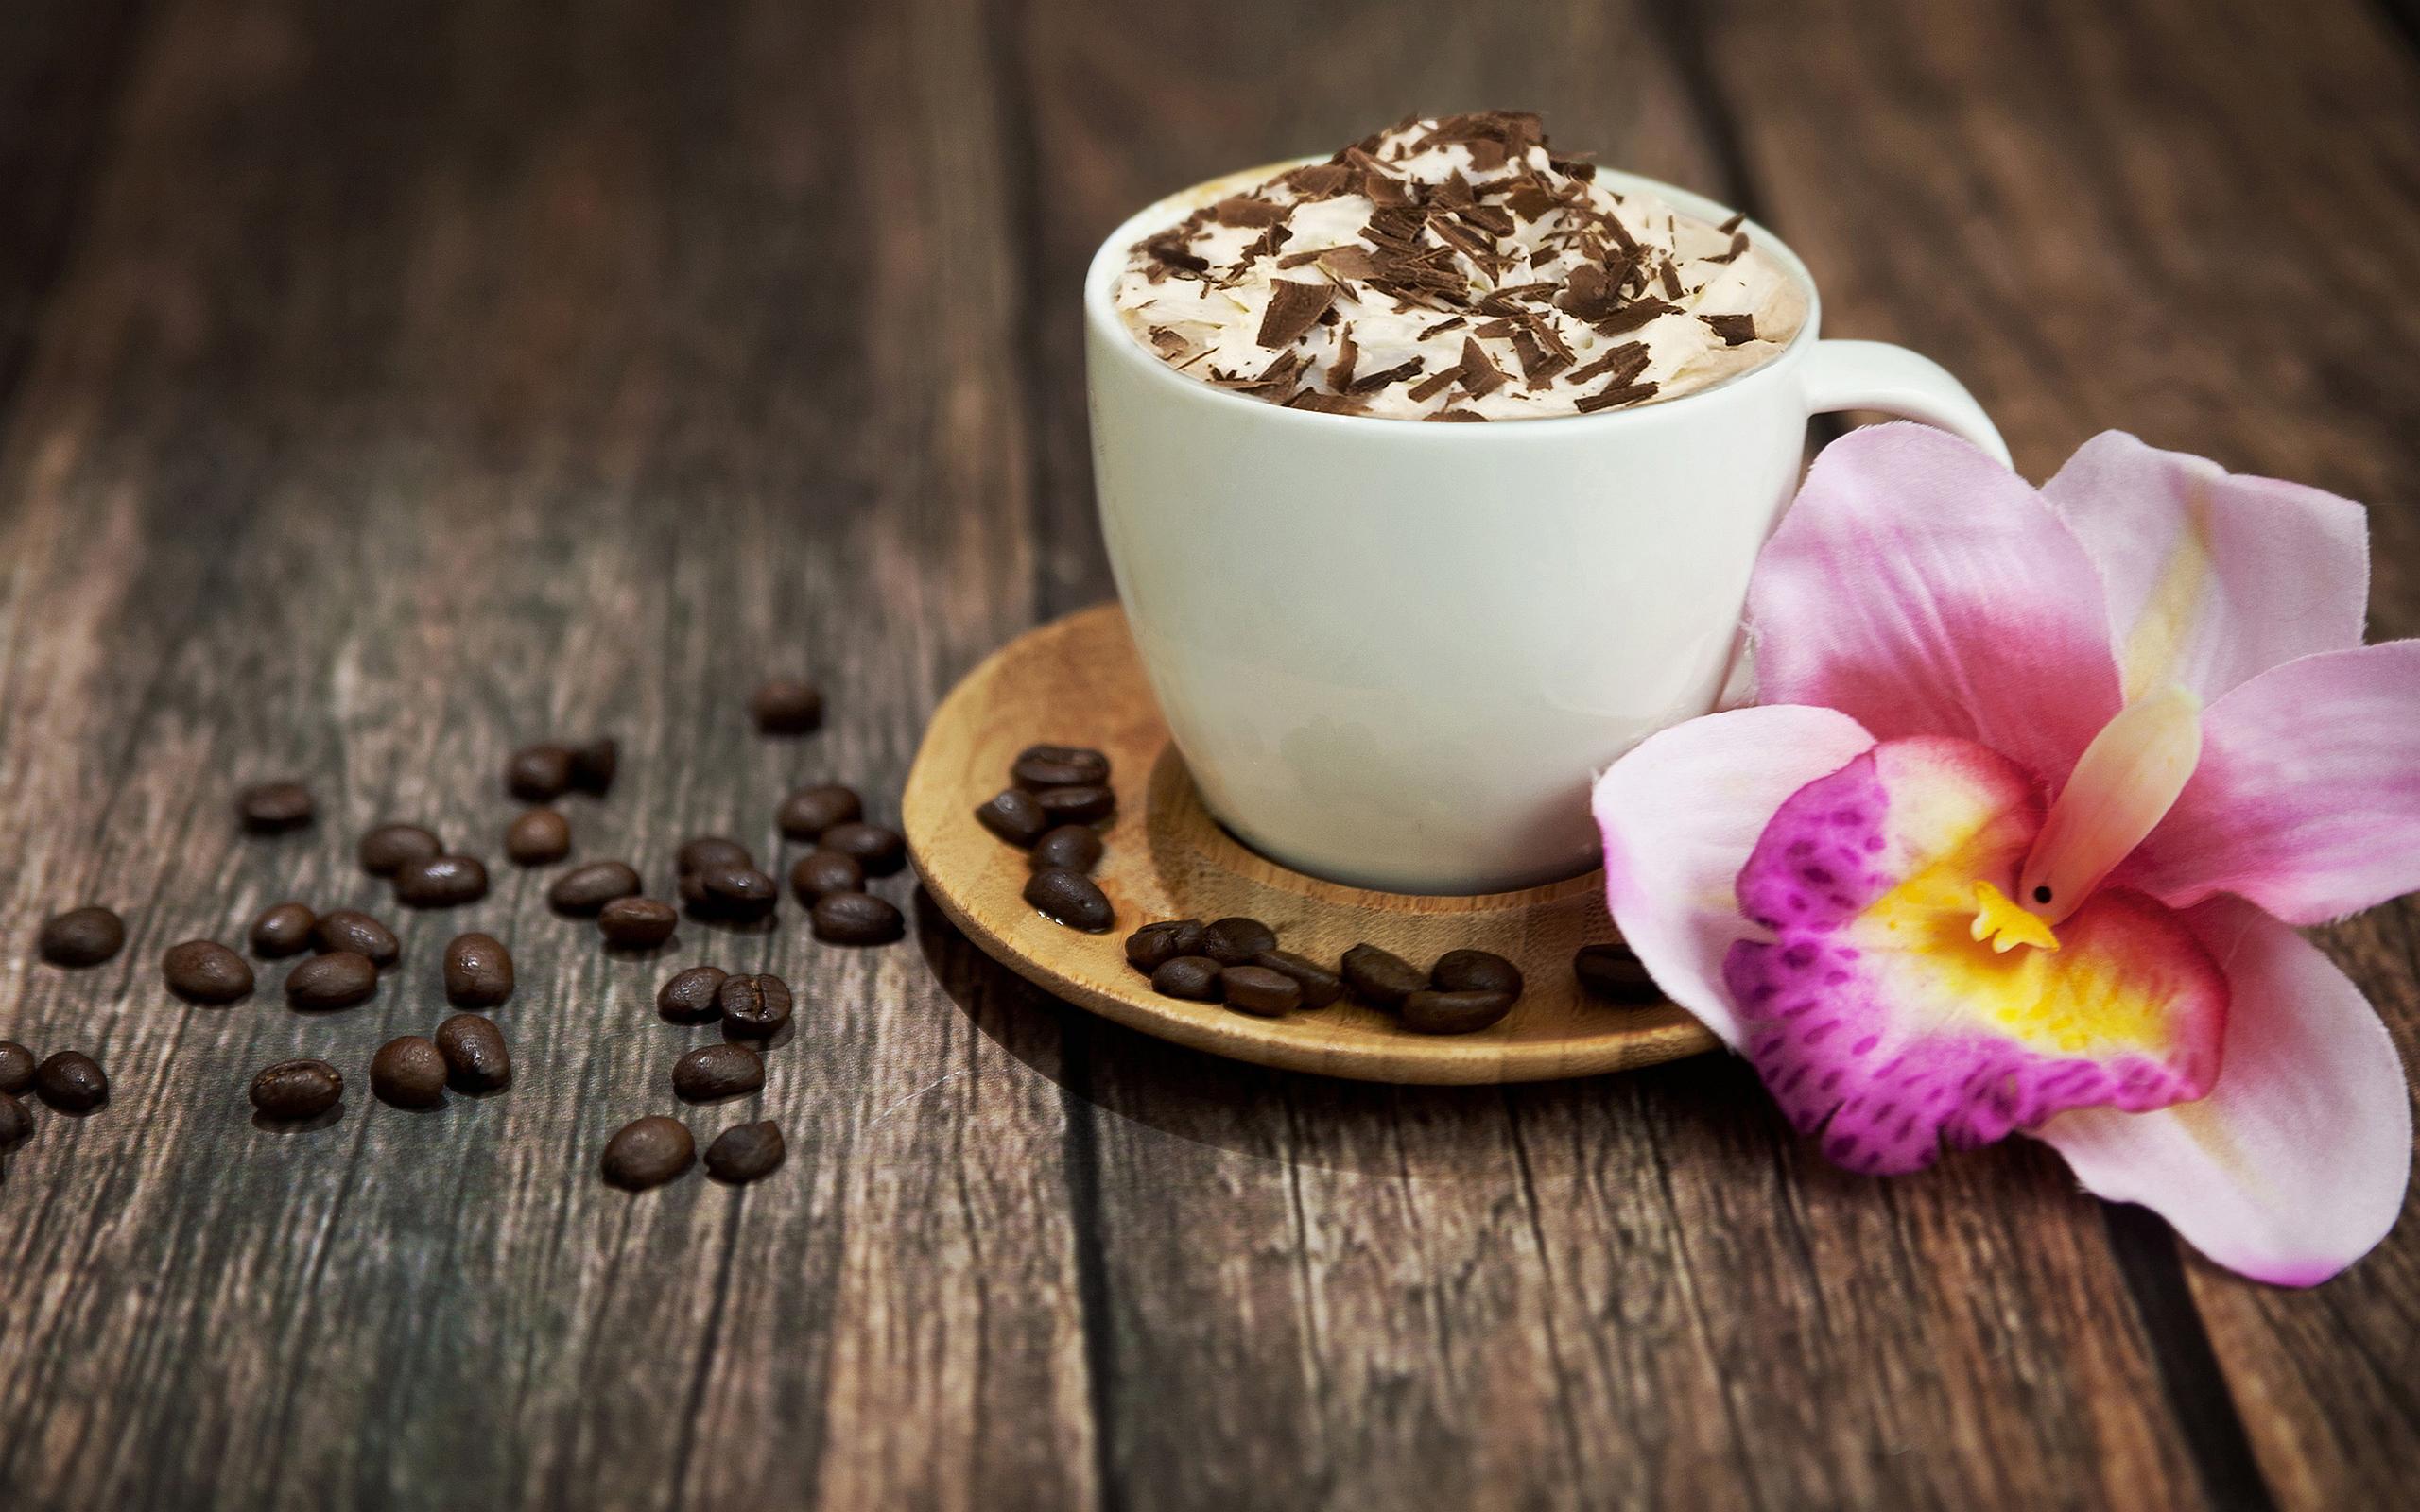 Cappuccino hd wallpaper sfondi 2560x1600 id 553522 wallpaper abyss - Bilder cappuccino ...